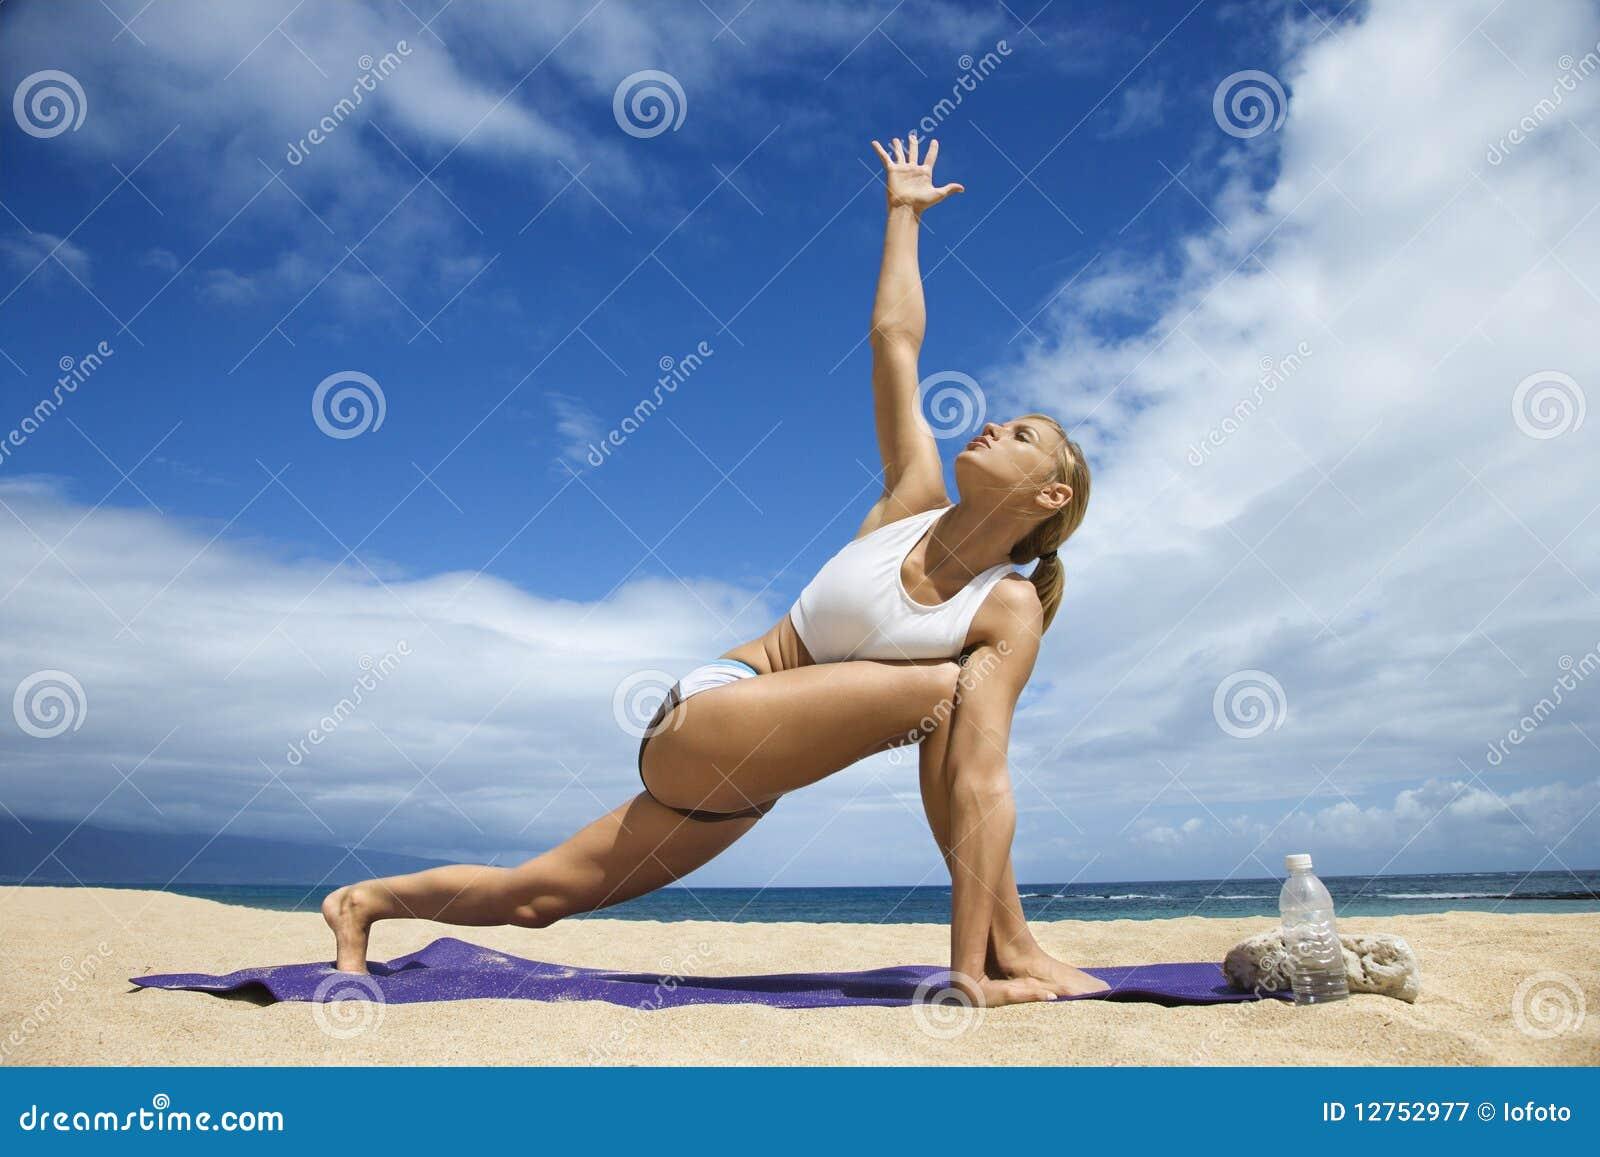 golaya-zhenskaya-yoga